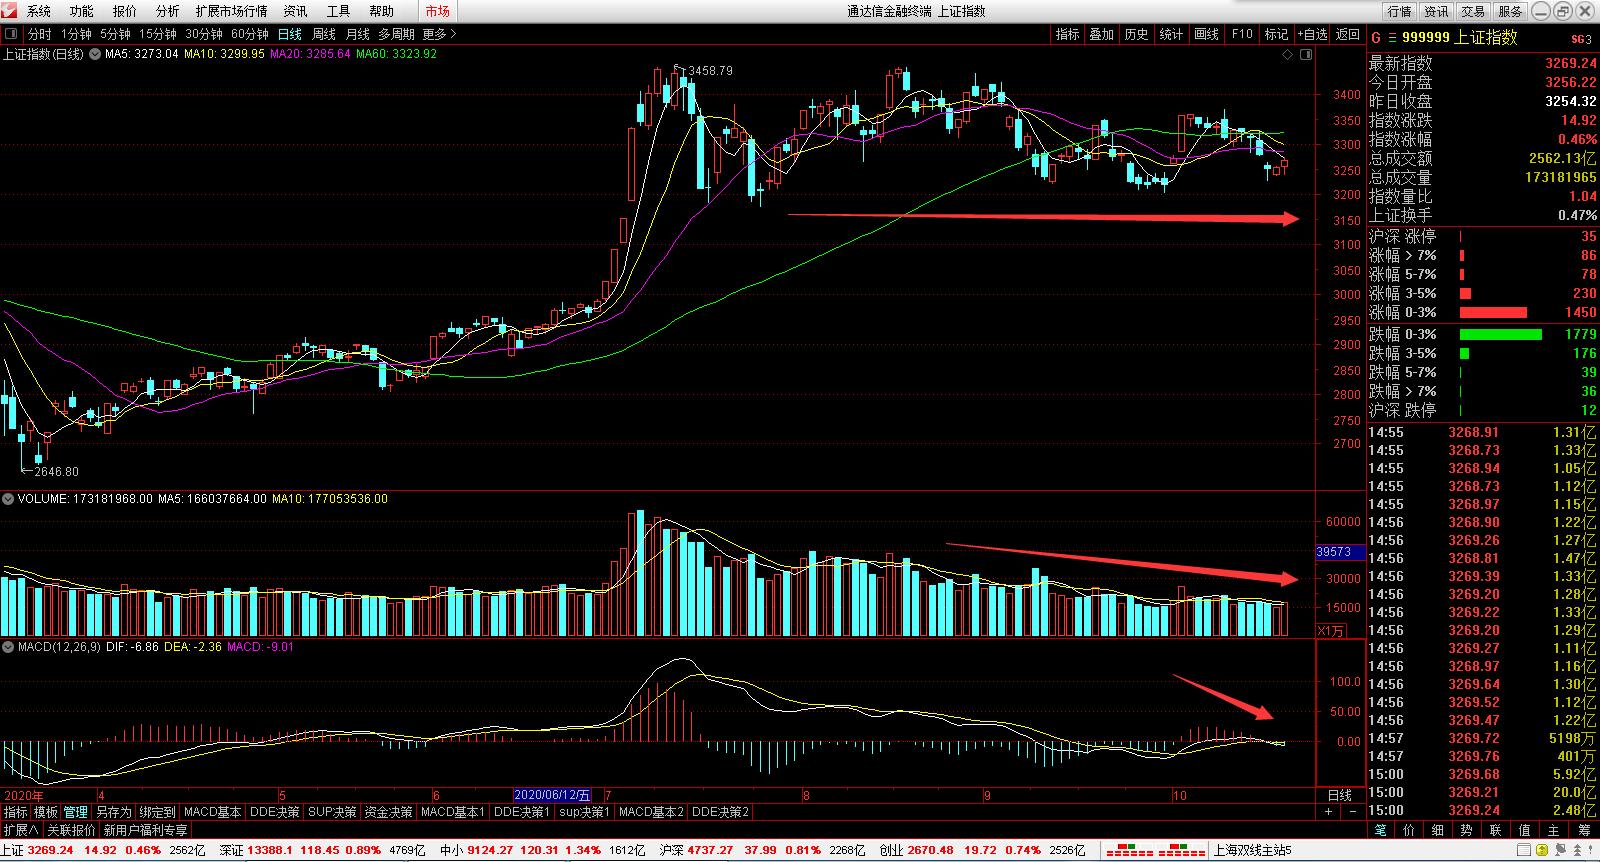 2020年10月28日股票大盘行情分析